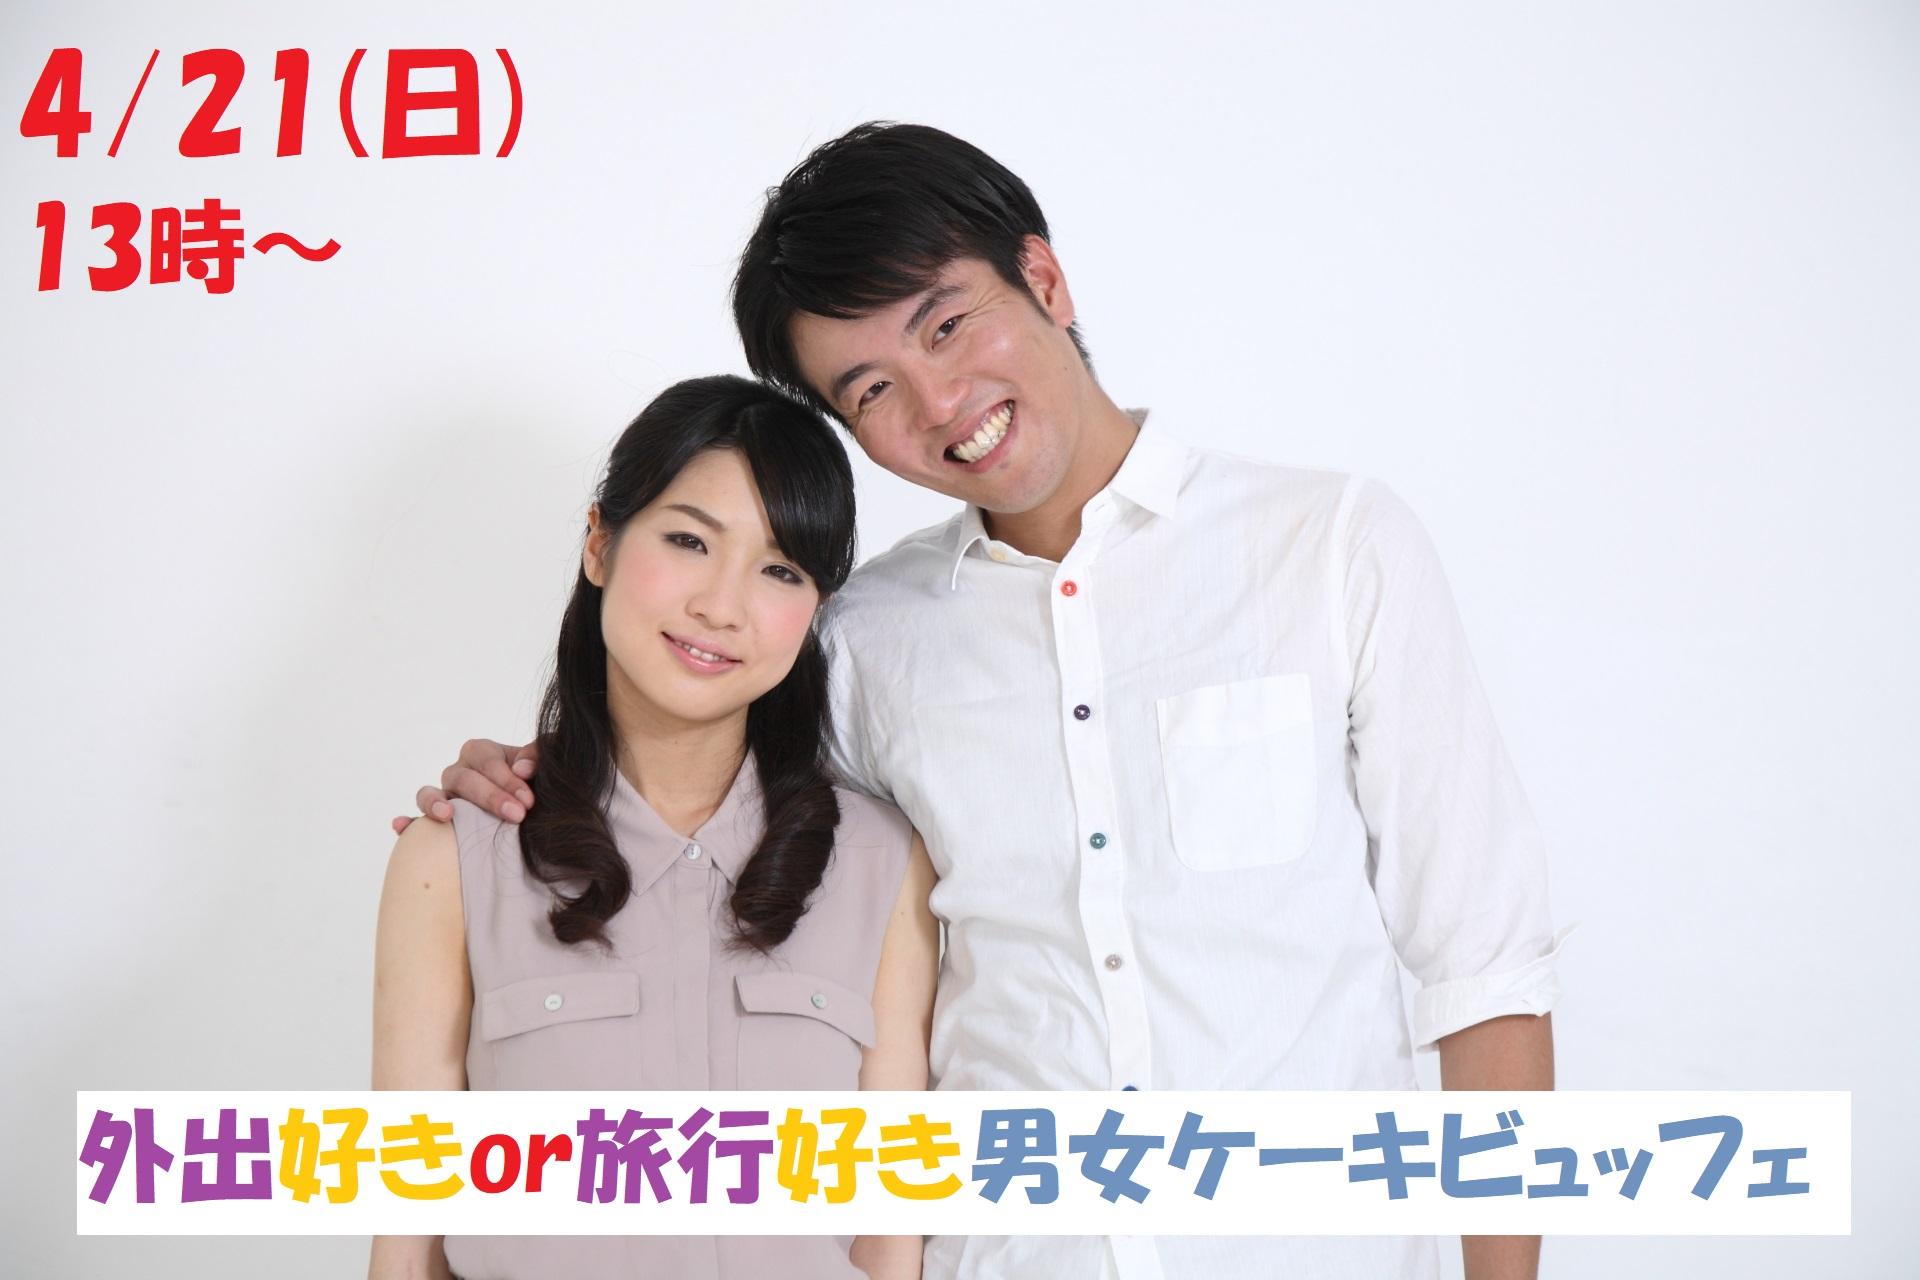 【終了】4月21日(日)13時~【どちらかというと外出好きor旅行好き男女ケーキビュッフェ恋活!